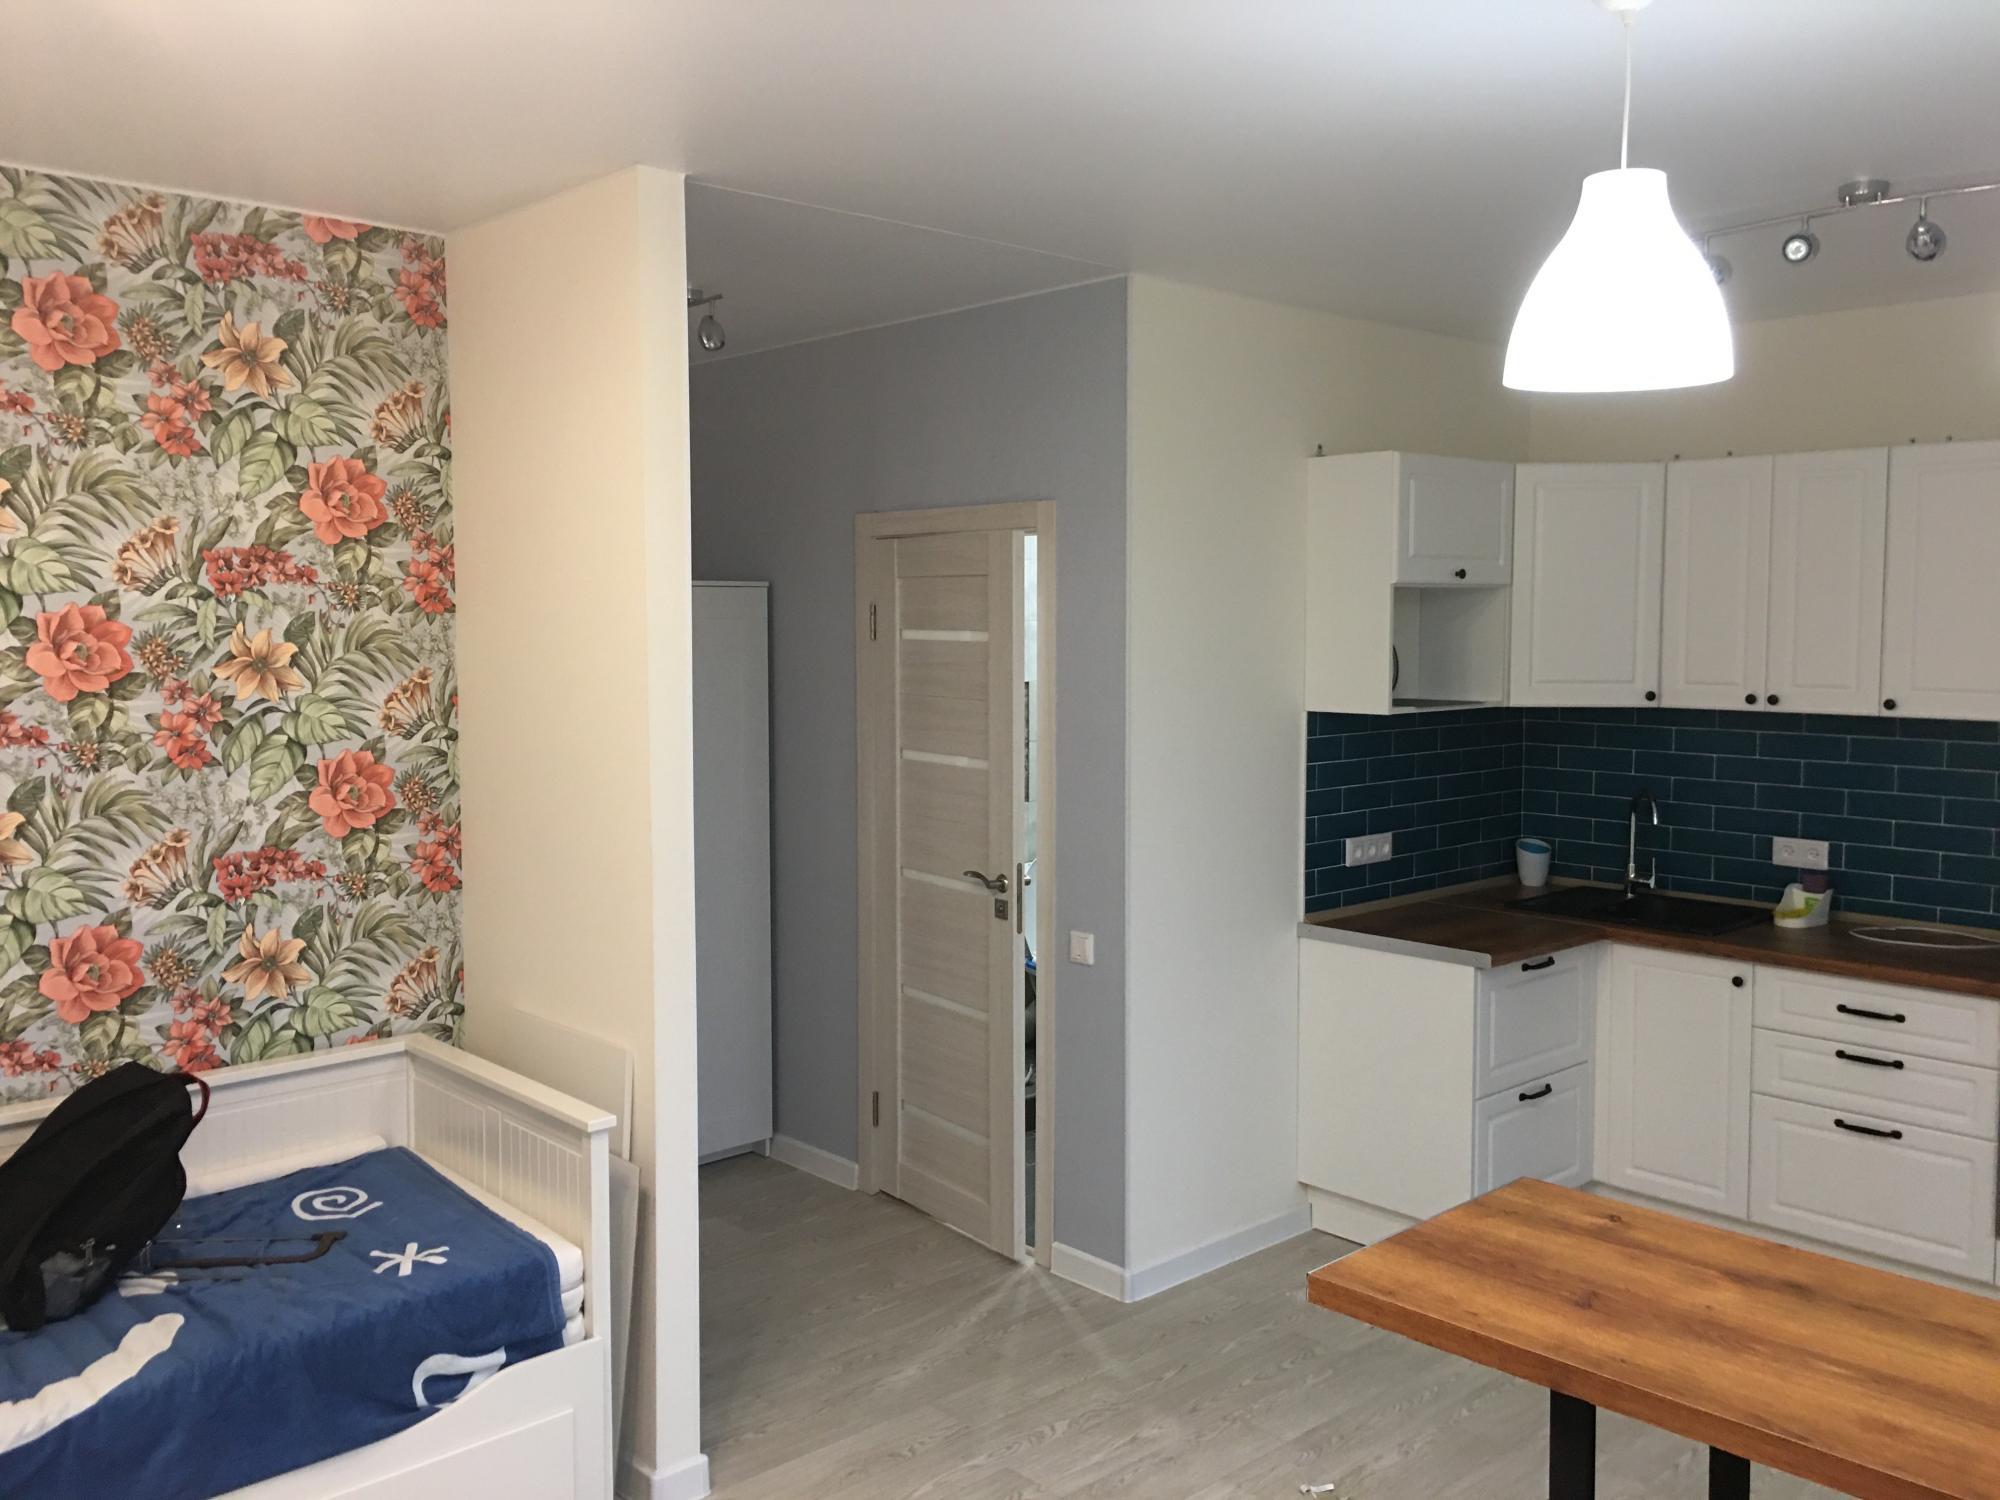 Apartment, Studio, 32 m2 89639952623 buy 2